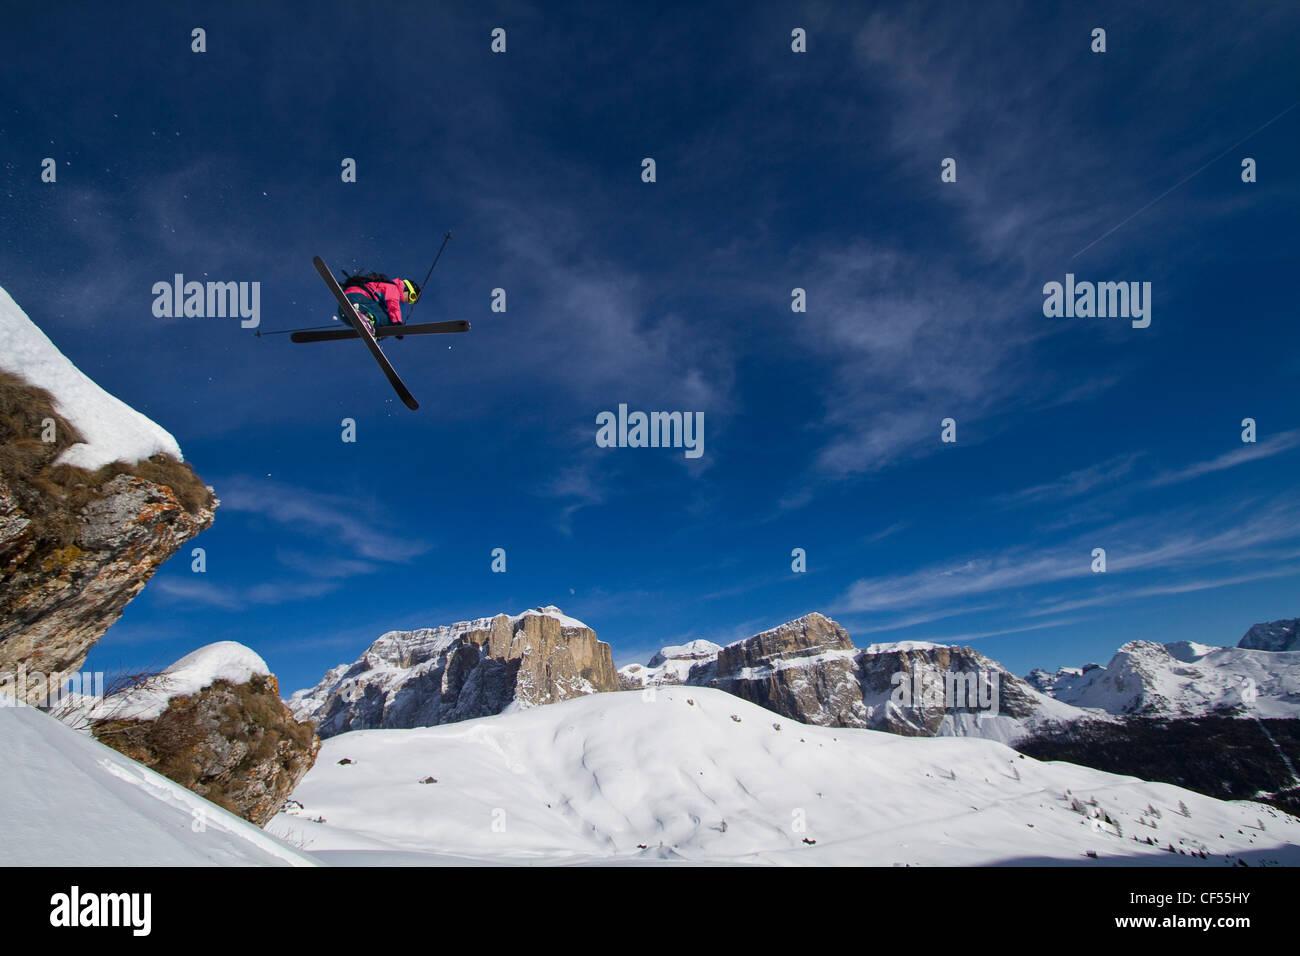 Italy, Sella, Dolomites, Man doing freestyle skiing - Stock Image